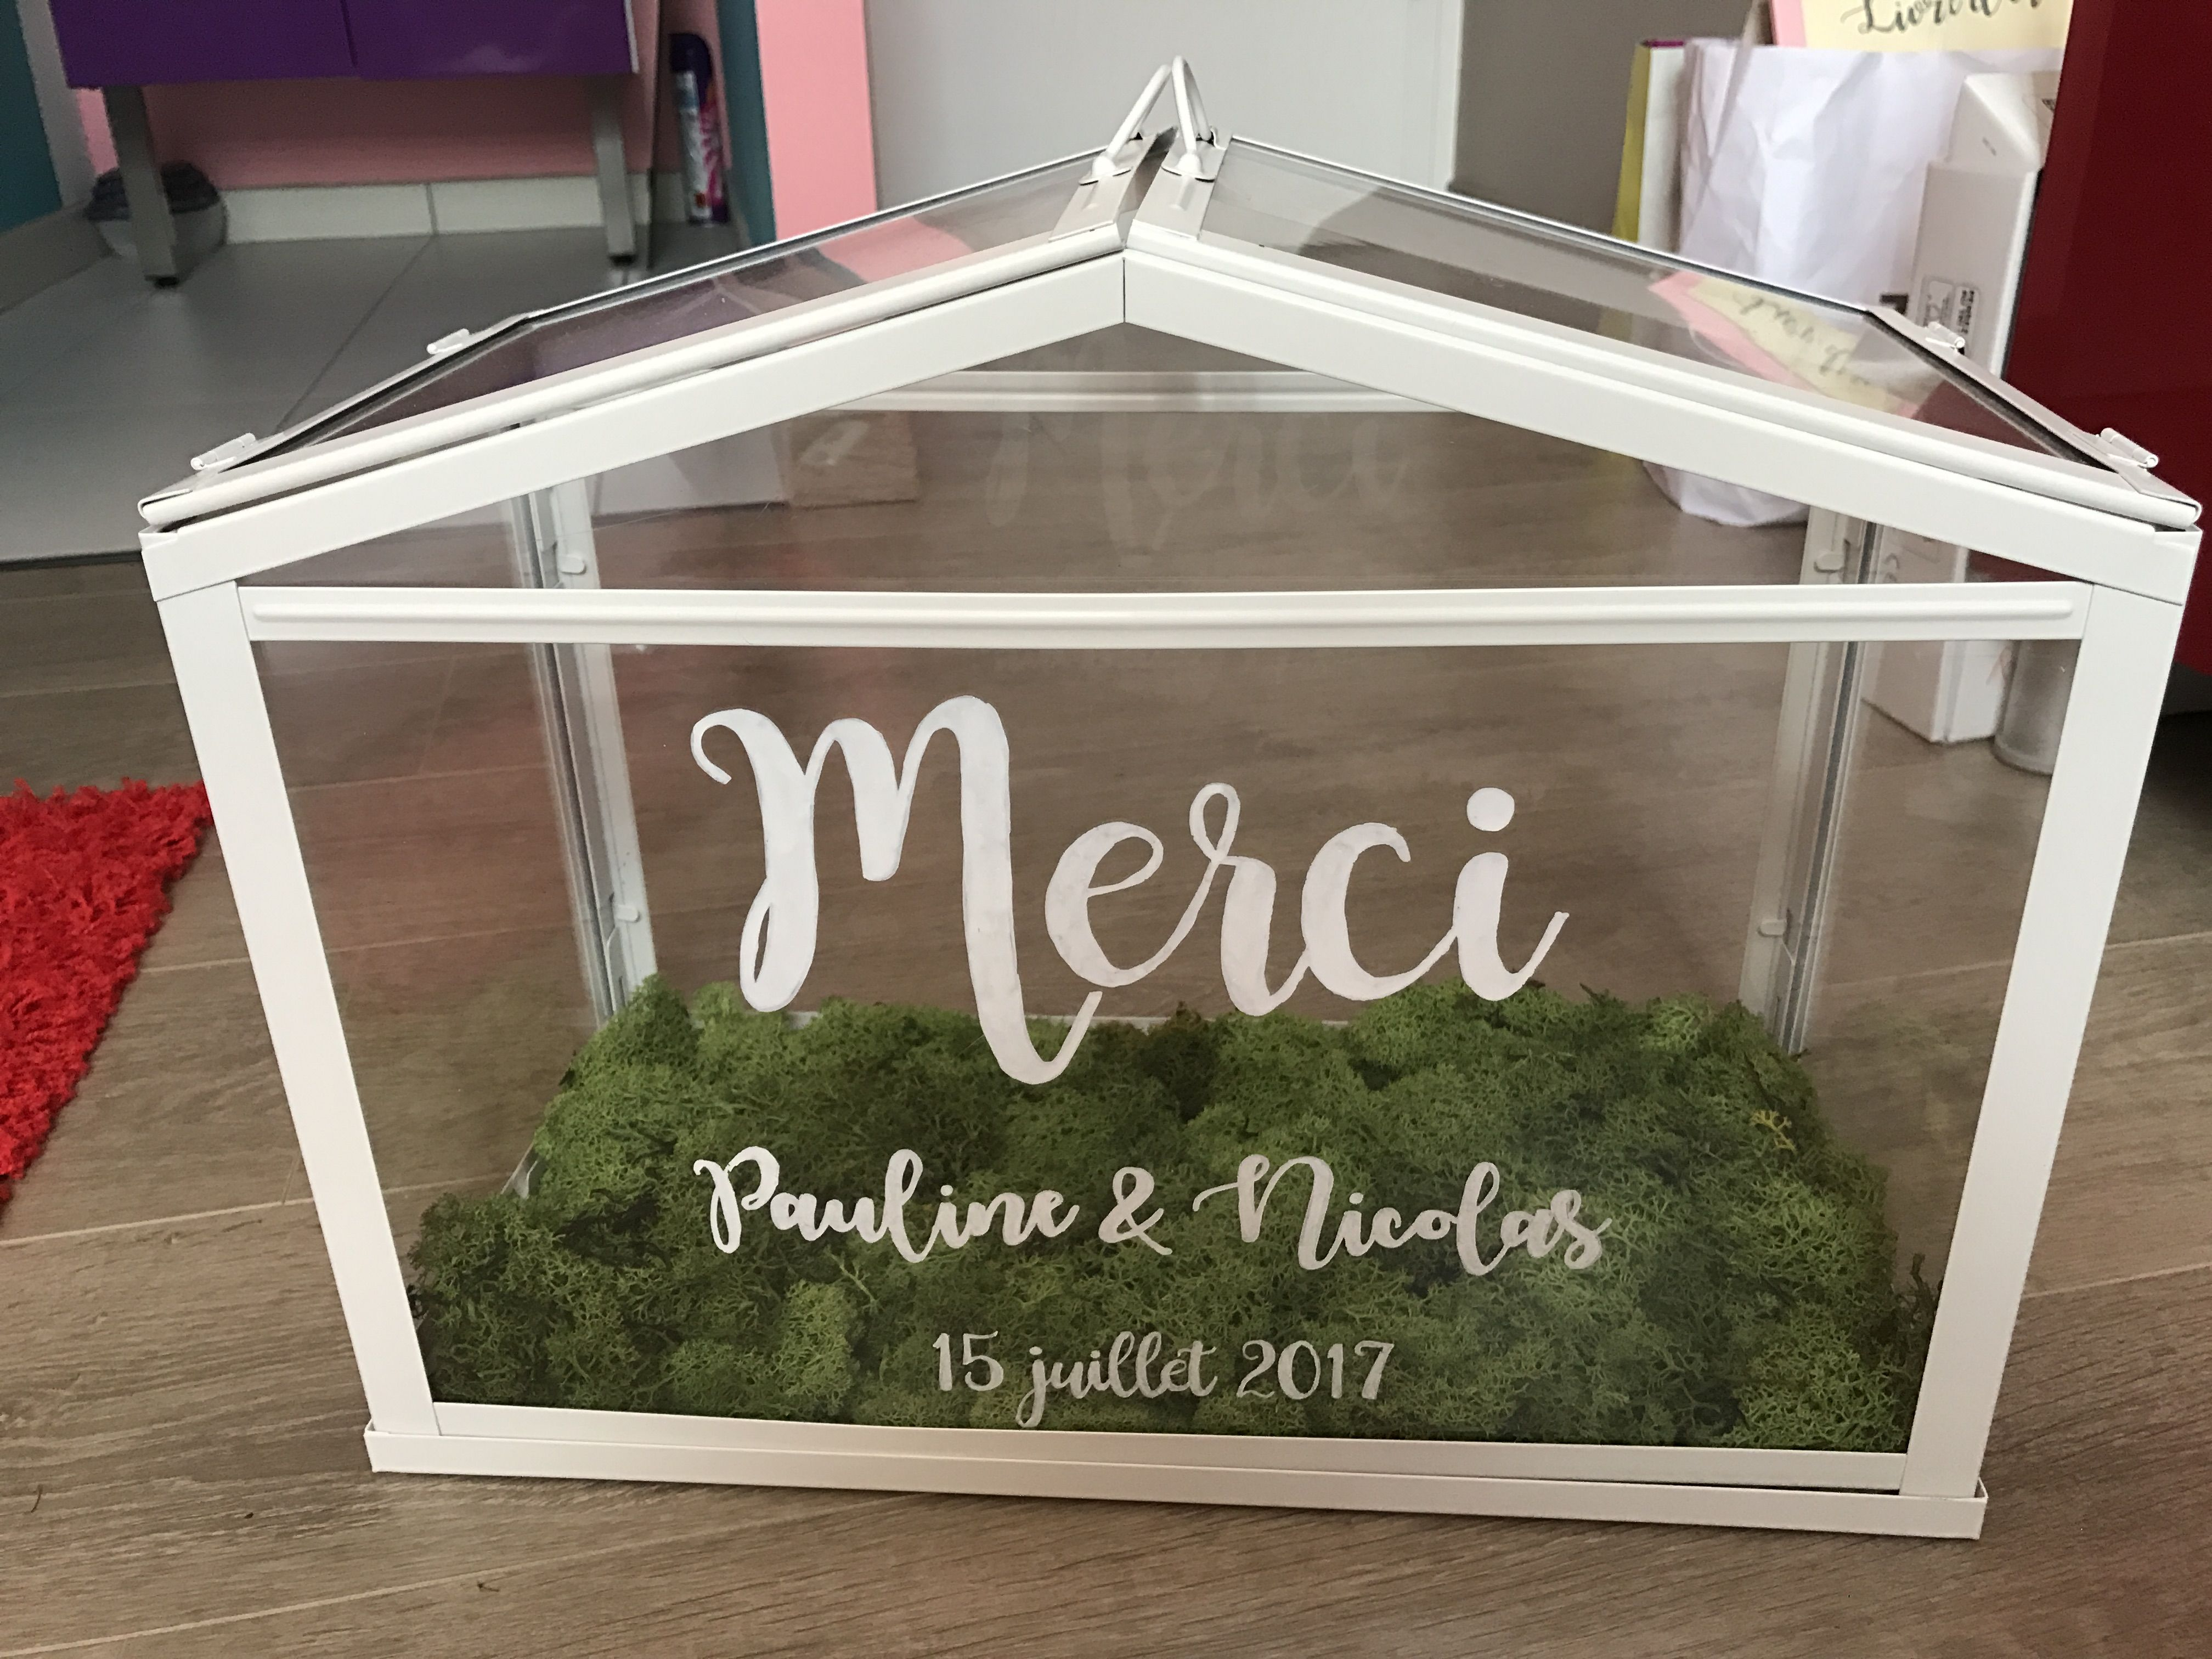 fabulous urne mariage faite avec la serre ikea blanche lintrieur il y a de la with bougie. Black Bedroom Furniture Sets. Home Design Ideas